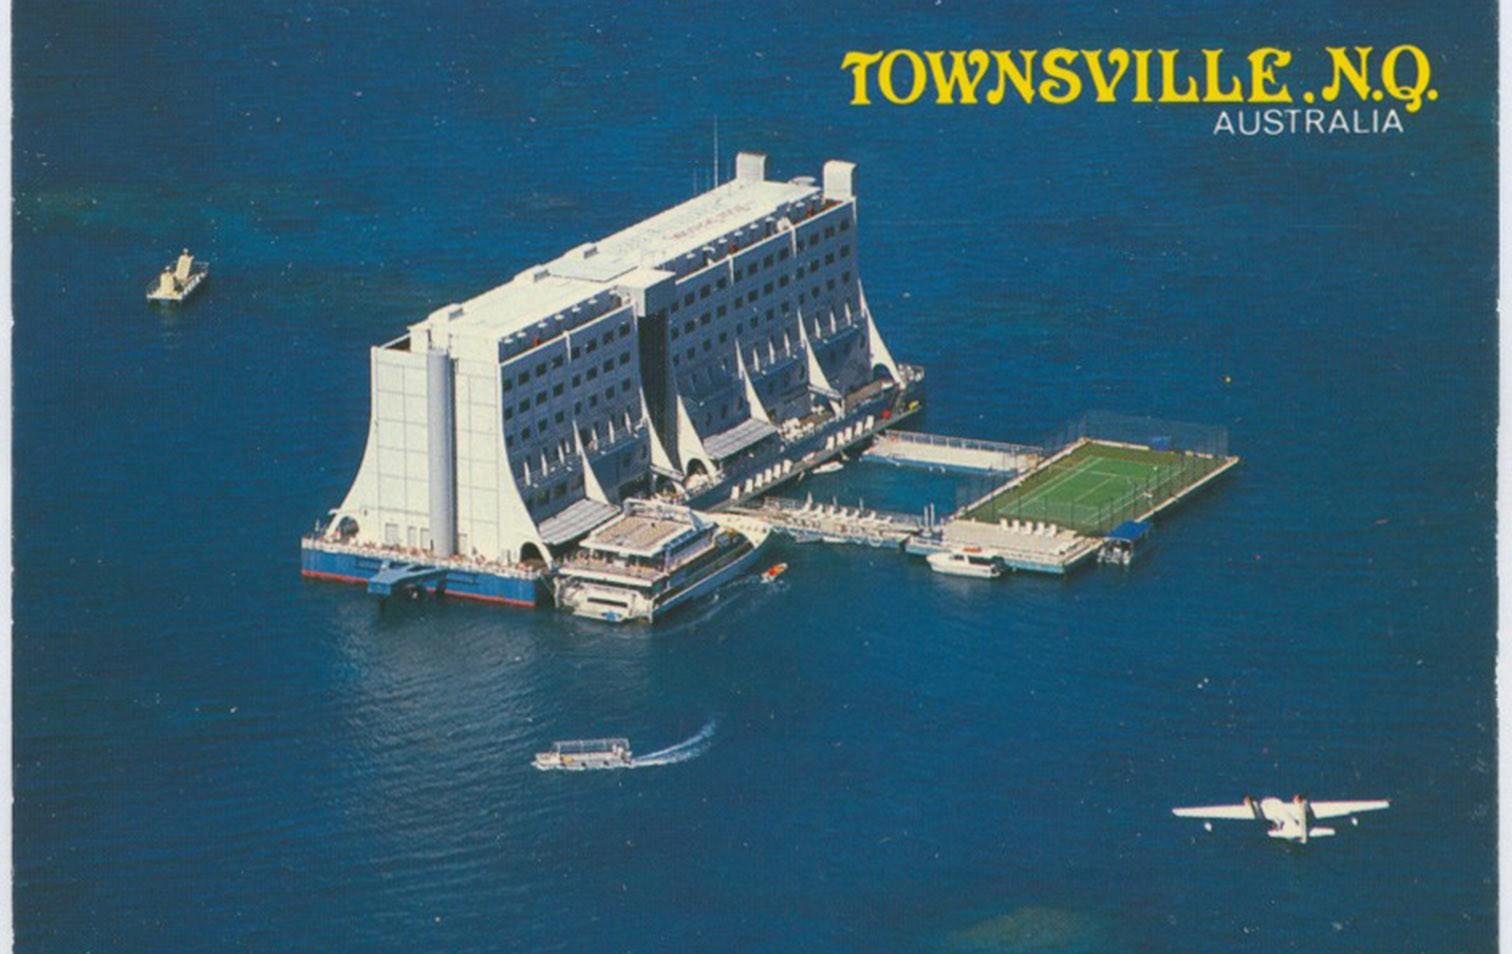 Weltweit erstes schwimmendes Hotel in Australien